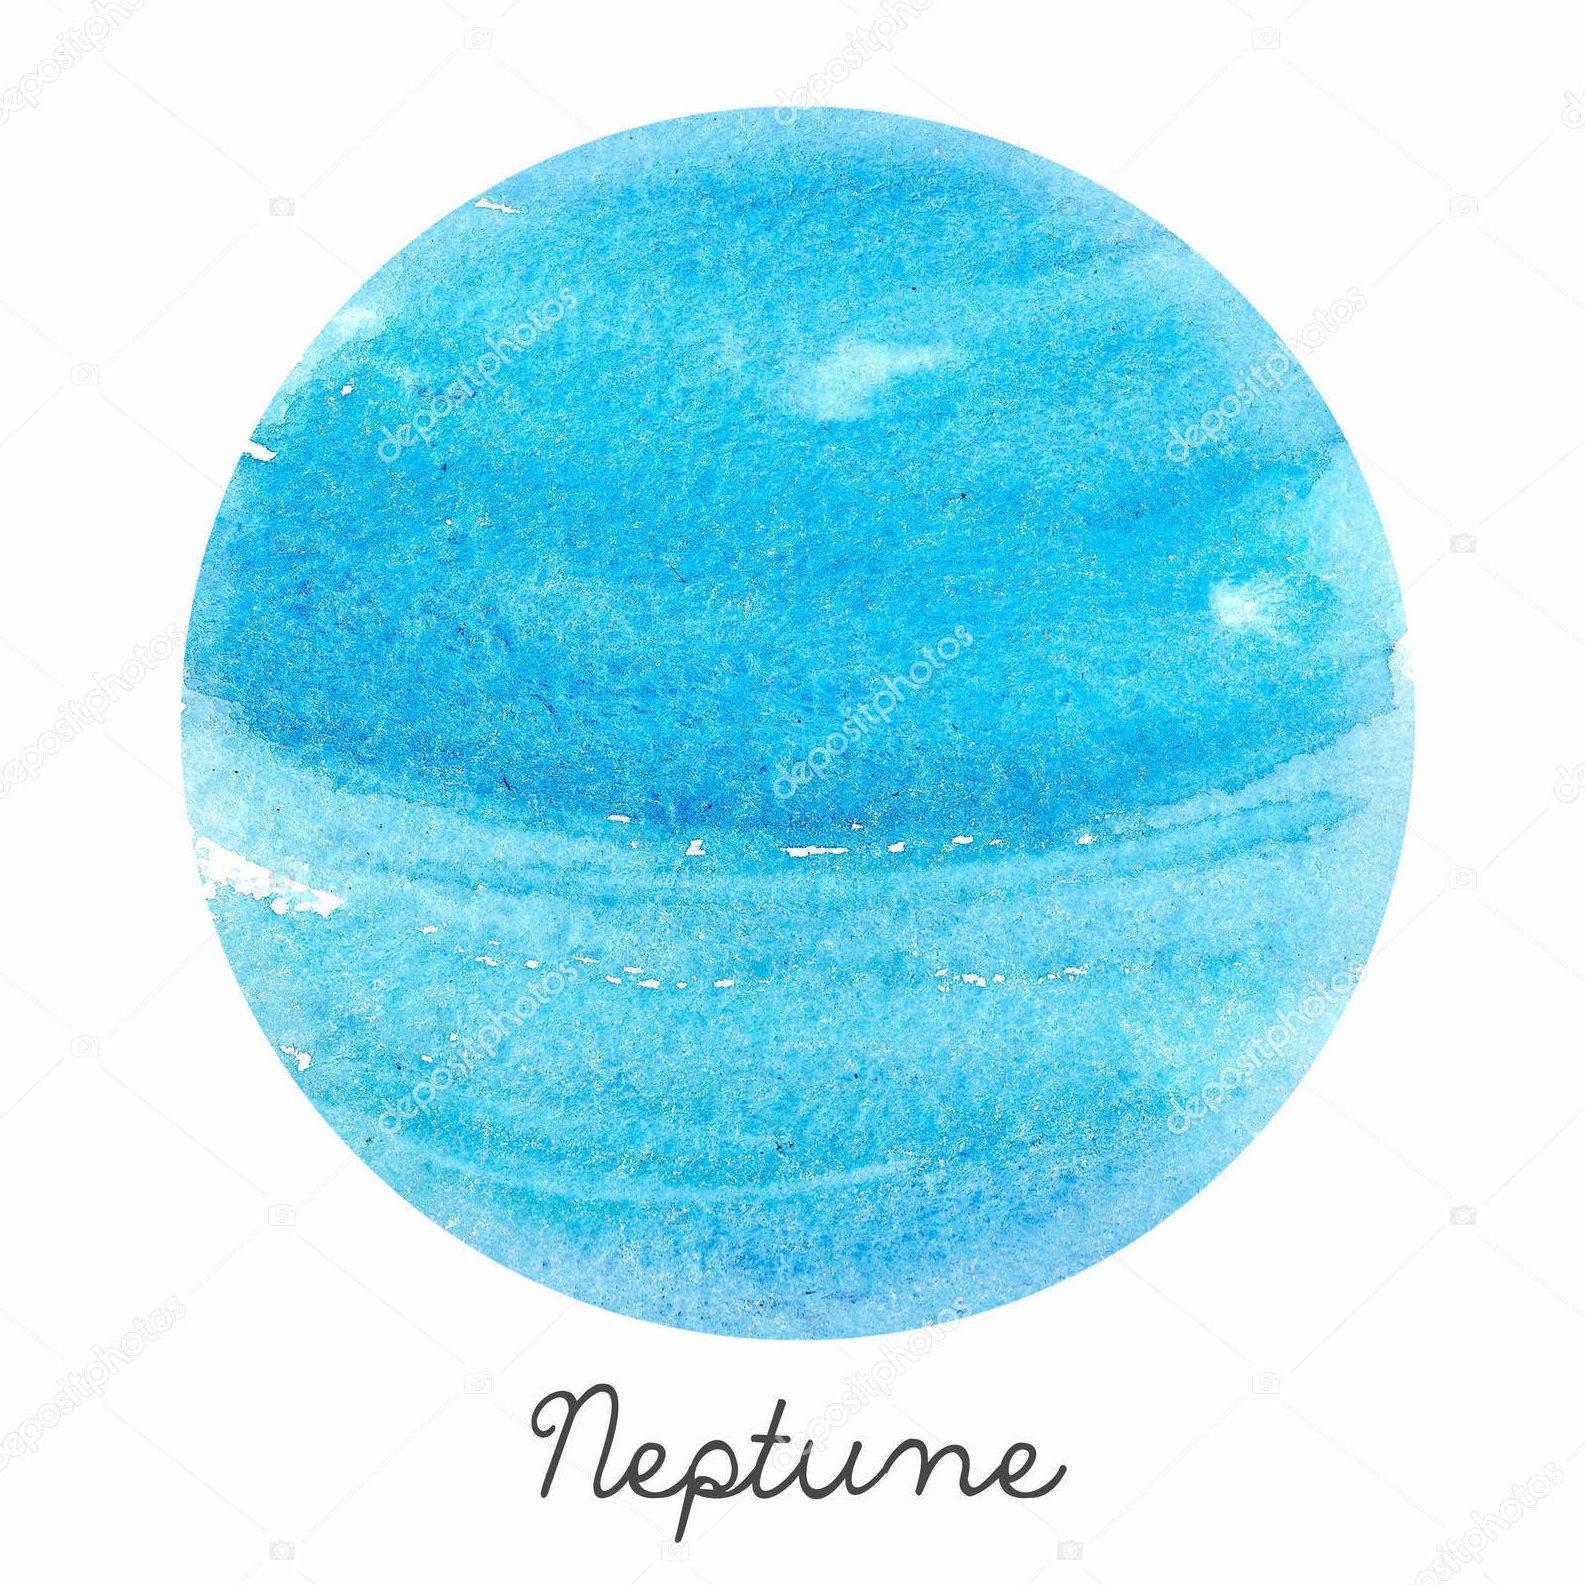 Нептун, акварель